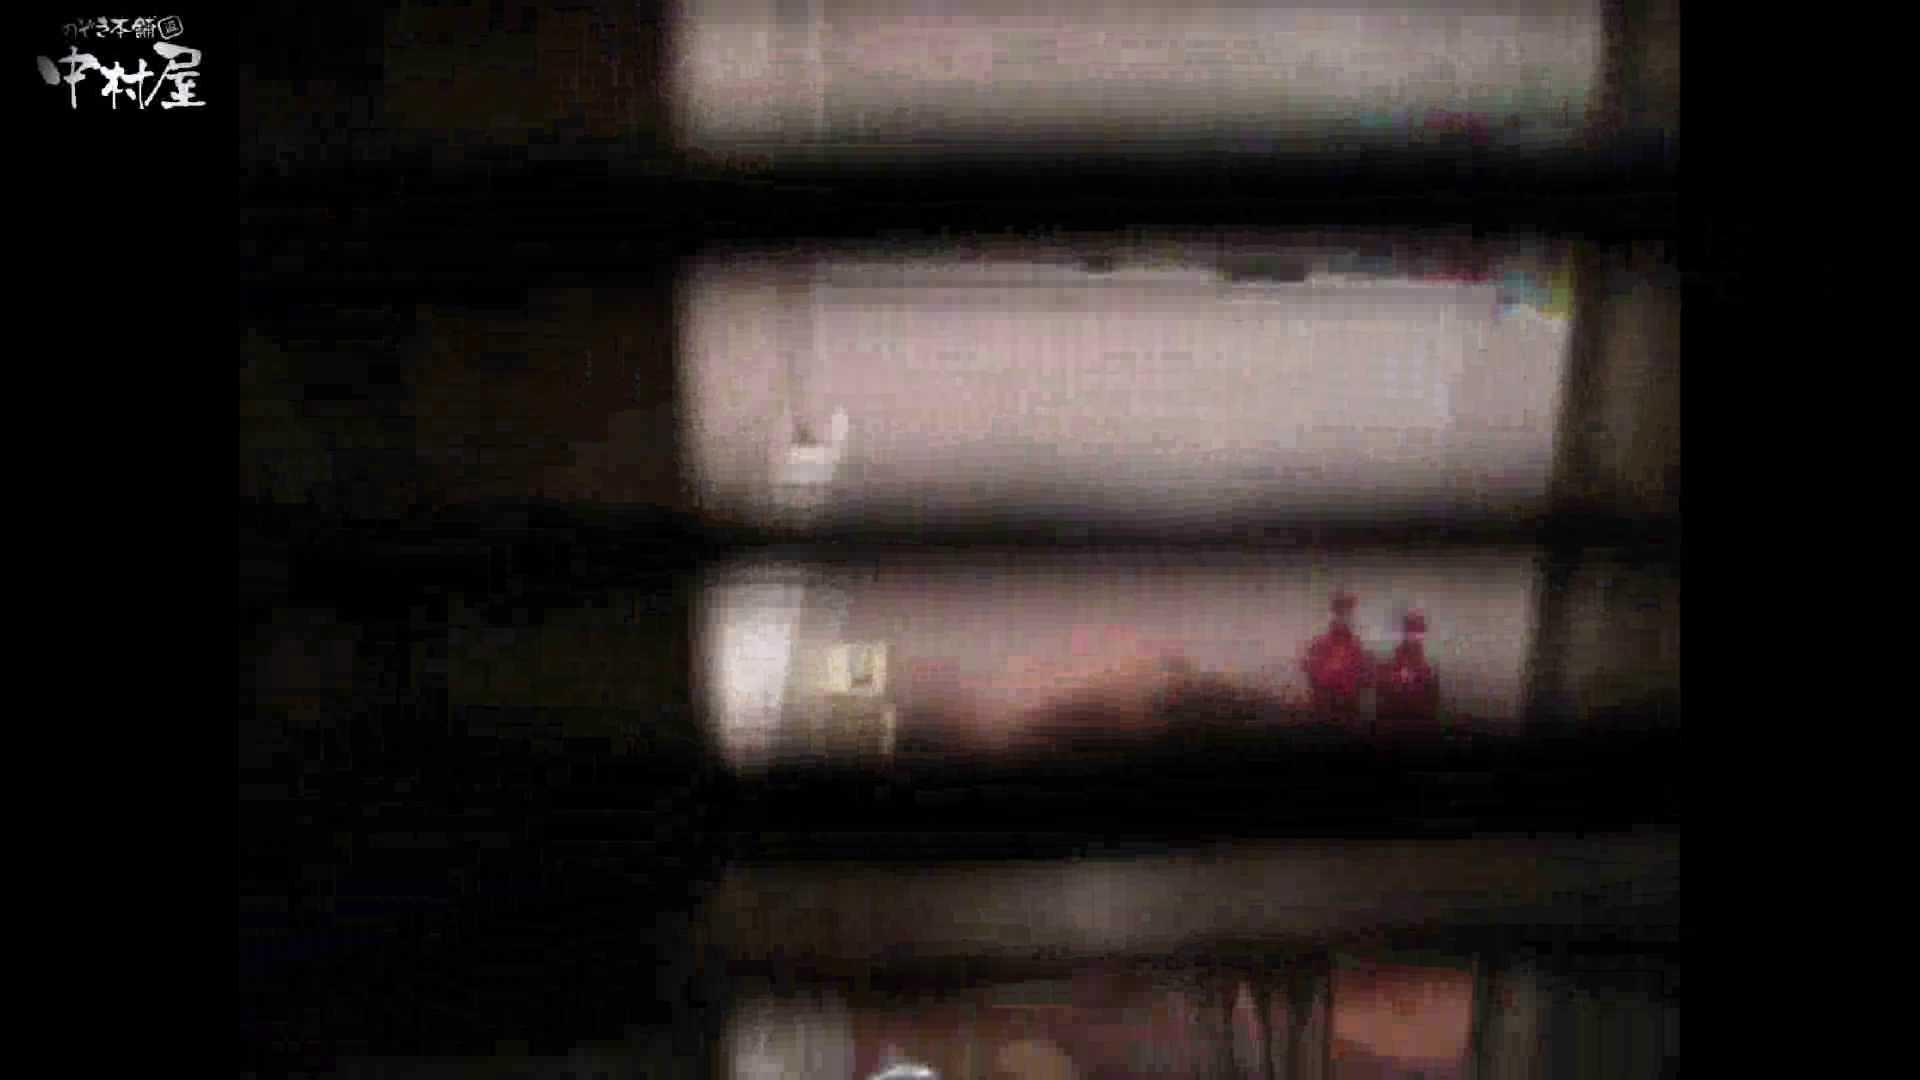 民家風呂専門盗撮師の超危険映像 vol.017 OLセックス 覗きオメコ動画キャプチャ 87画像 74